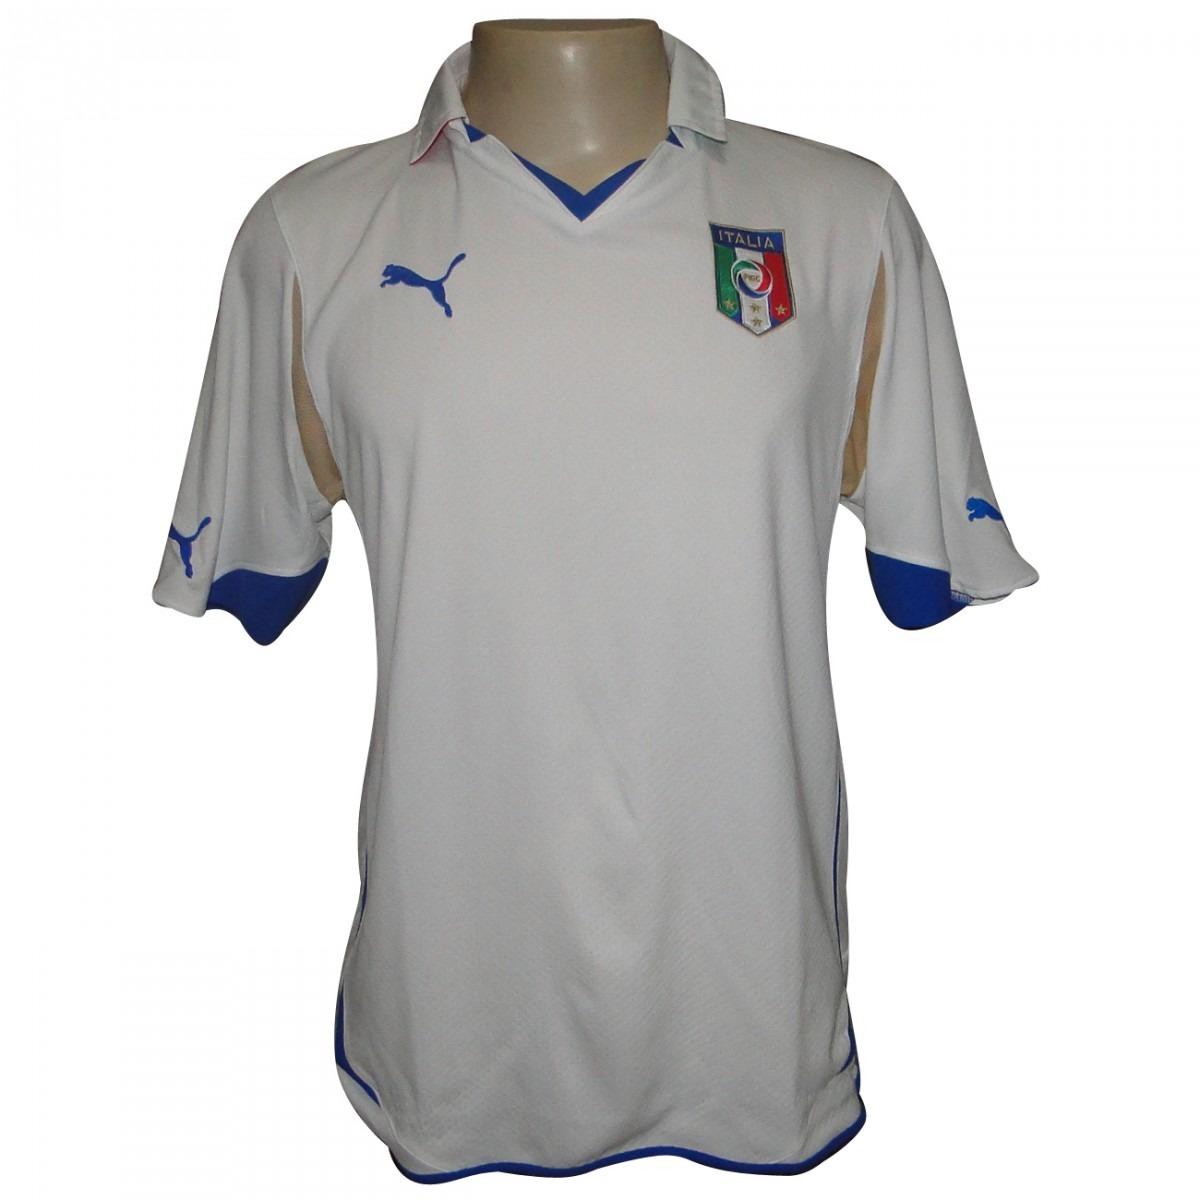 camisa puma italia 2011 2012 - branca tam. g. Carregando zoom. 74087fdcd4b3a